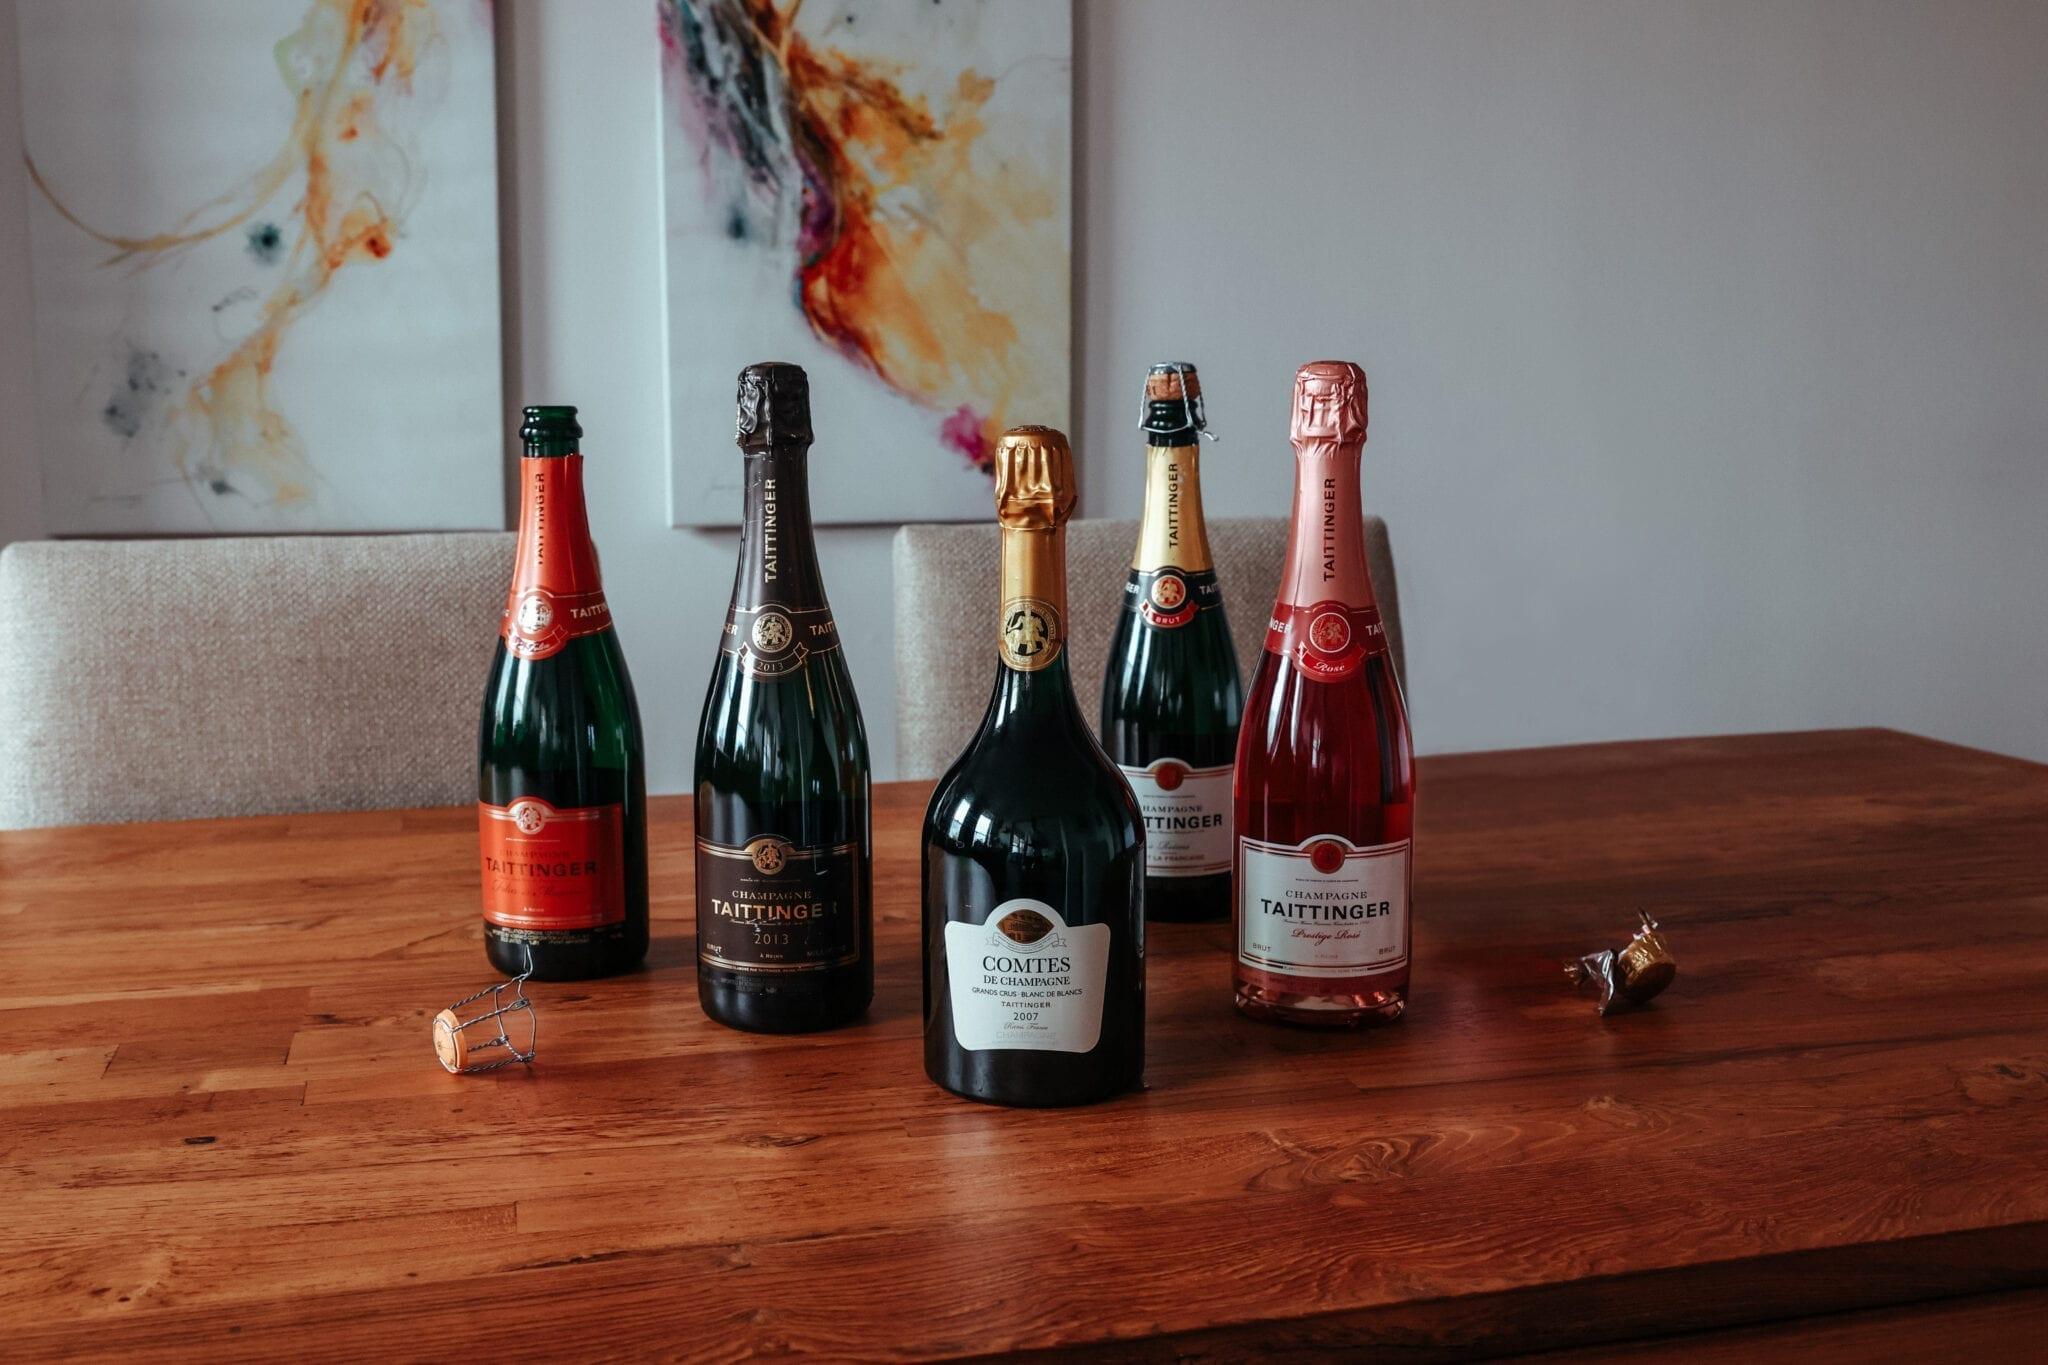 Champagne bottles, Taittinger, sparkling wine